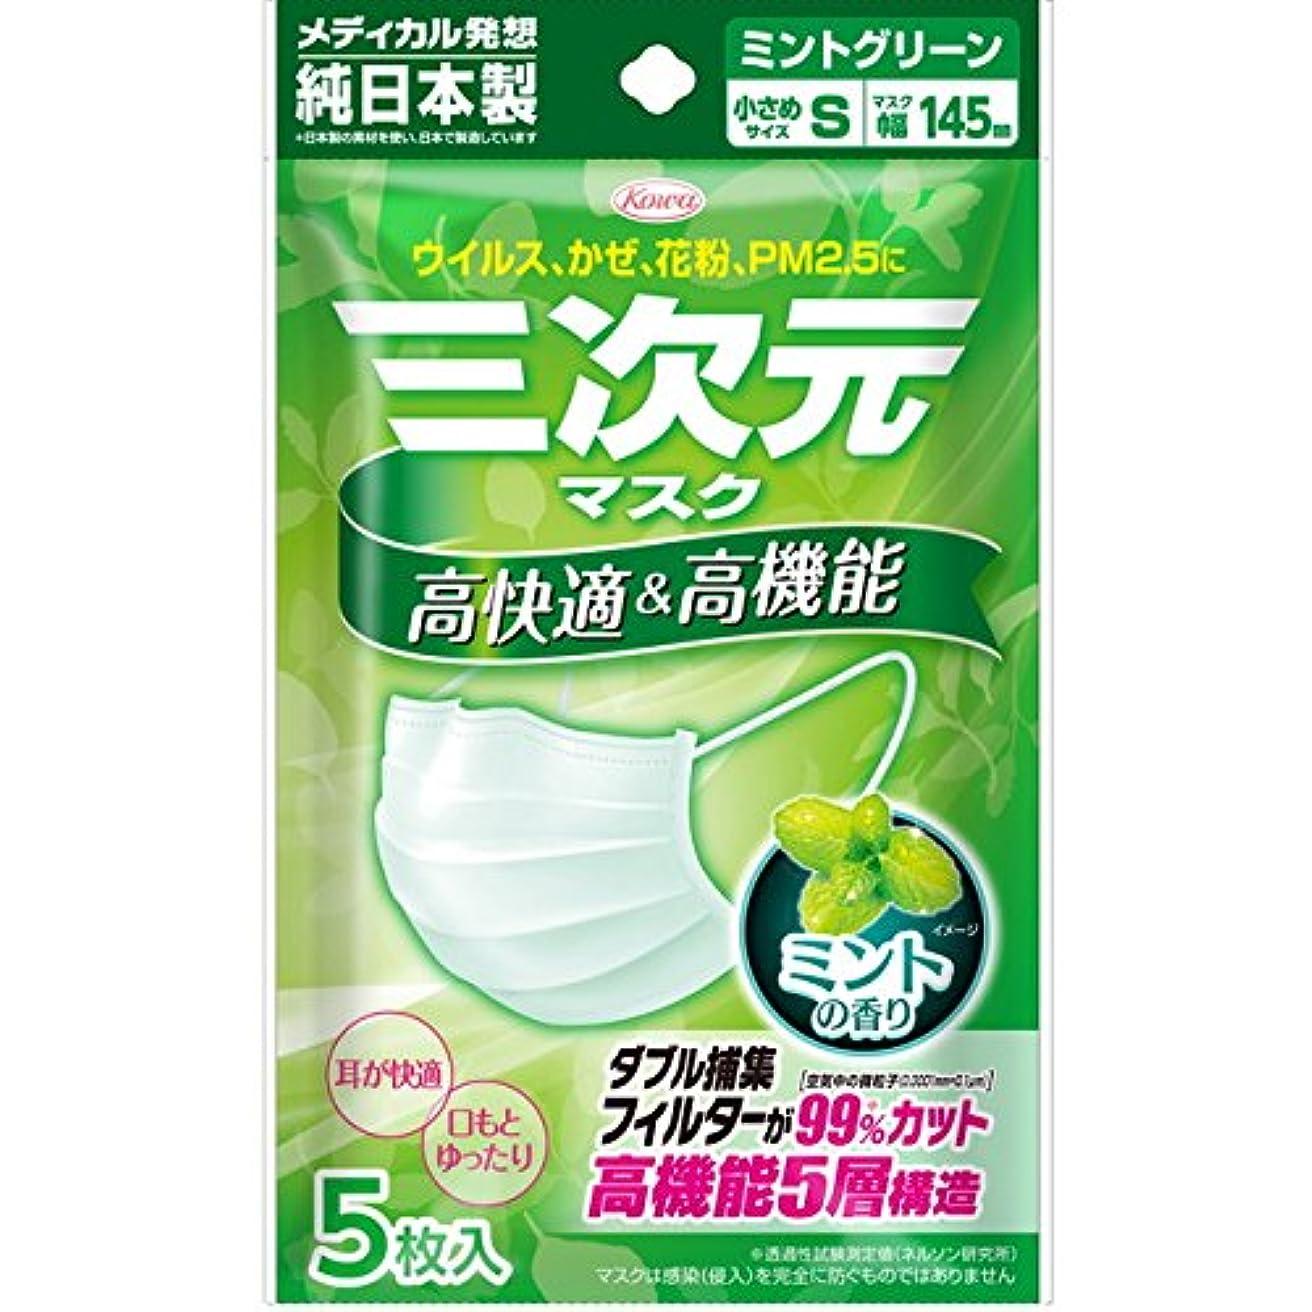 指導する出しますホバート(興和新薬)三次元マスク ミントの香り グリーン 小さめSサイズ 5枚入(お買い得5個セット)